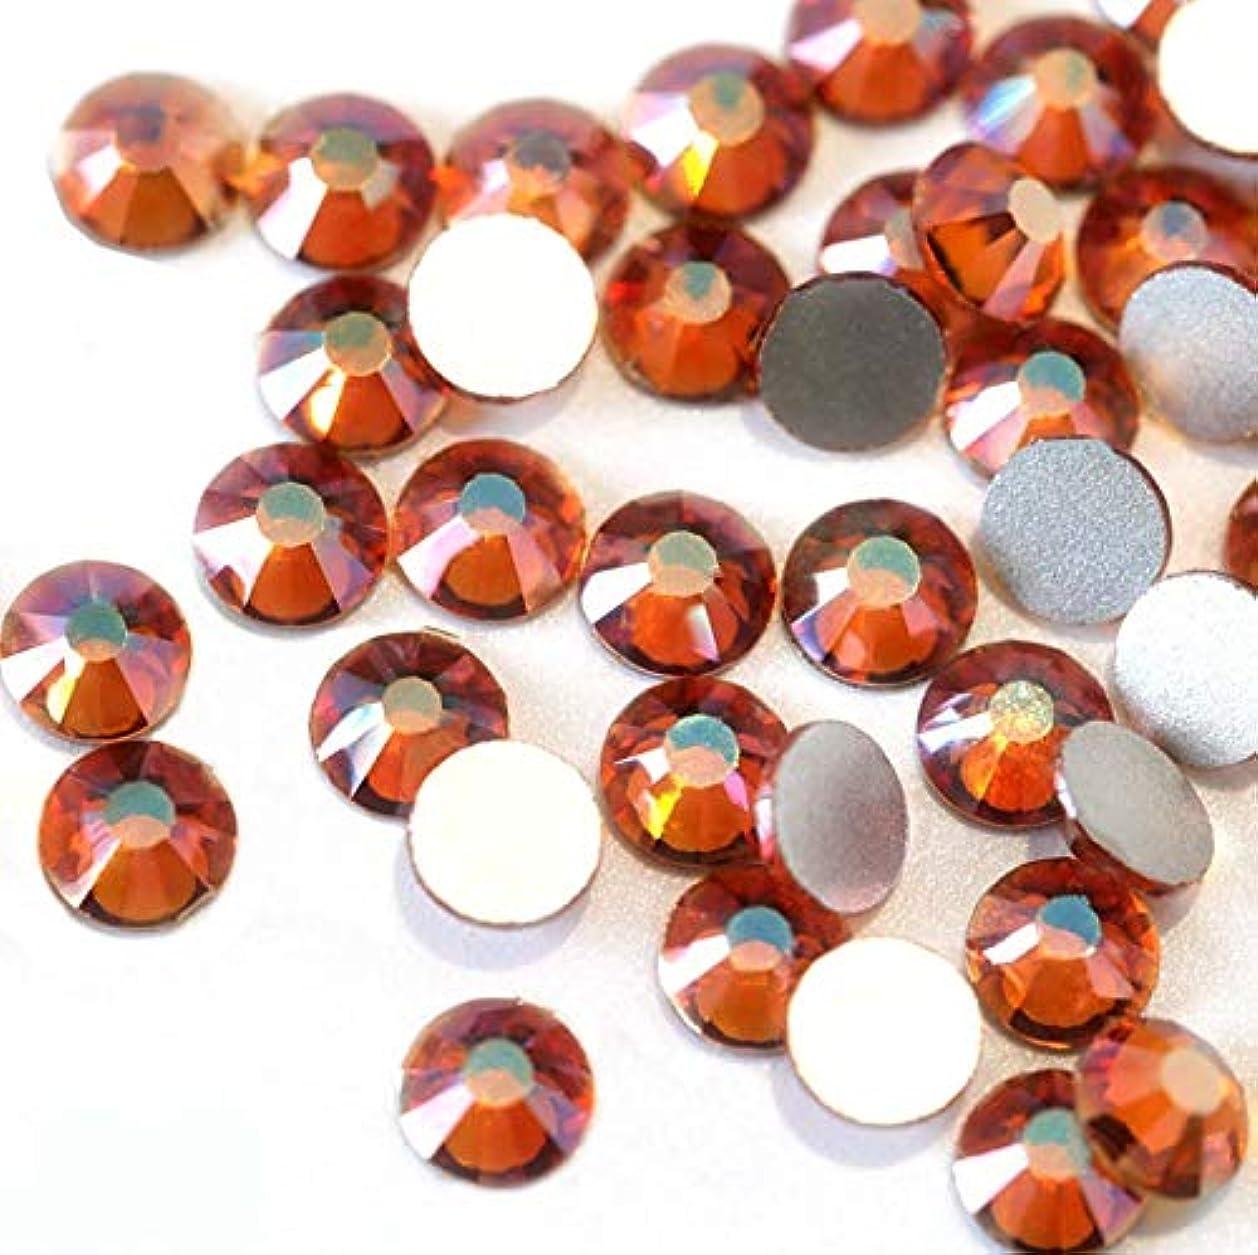 【ラインストーン77】高品質ガラス製ラインストーン 色/サイズ選択可 SS3~SS50 スワロフスキー同等 (サンセット, SS3:約1.3mm(約200粒))